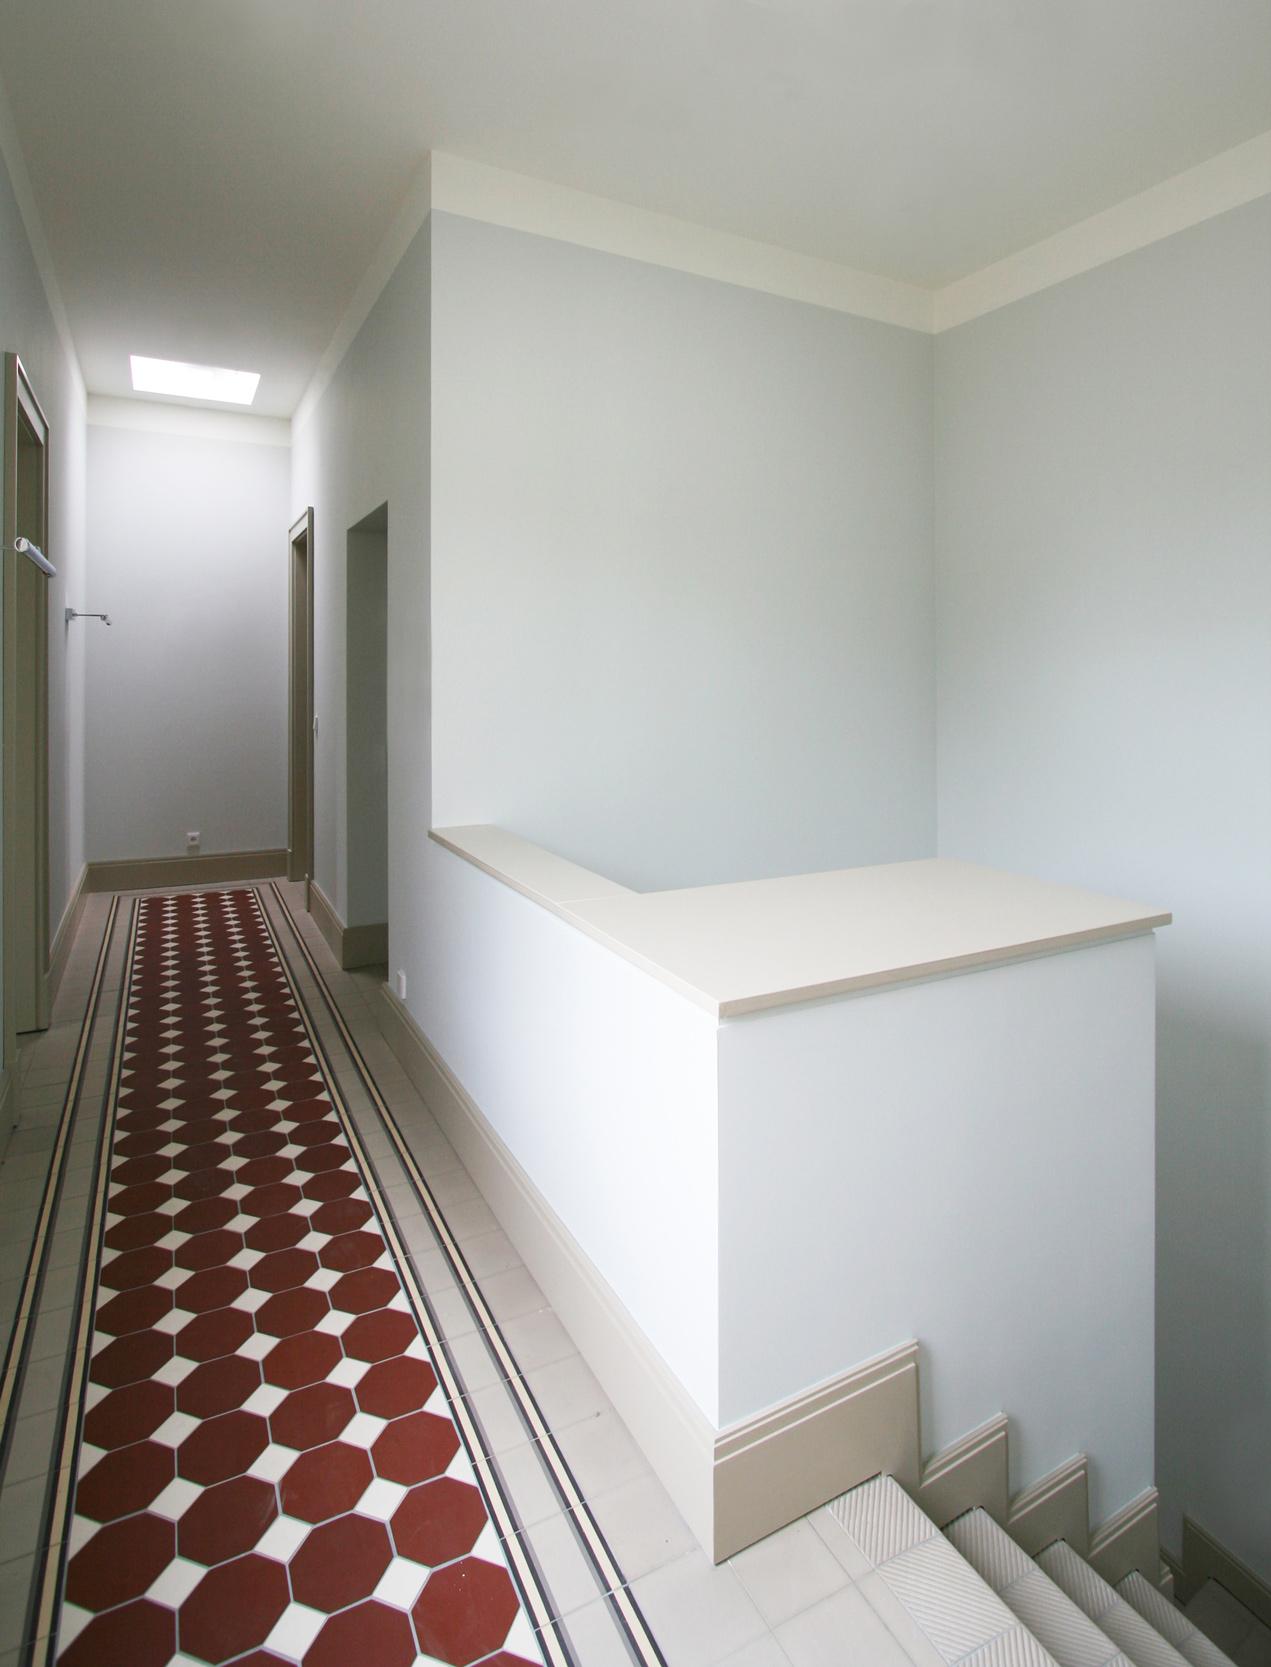 Klassik und Tradition - Sämtliche Tonfliesen der Treppenhalle wurden in Handfertigung hergestellt.